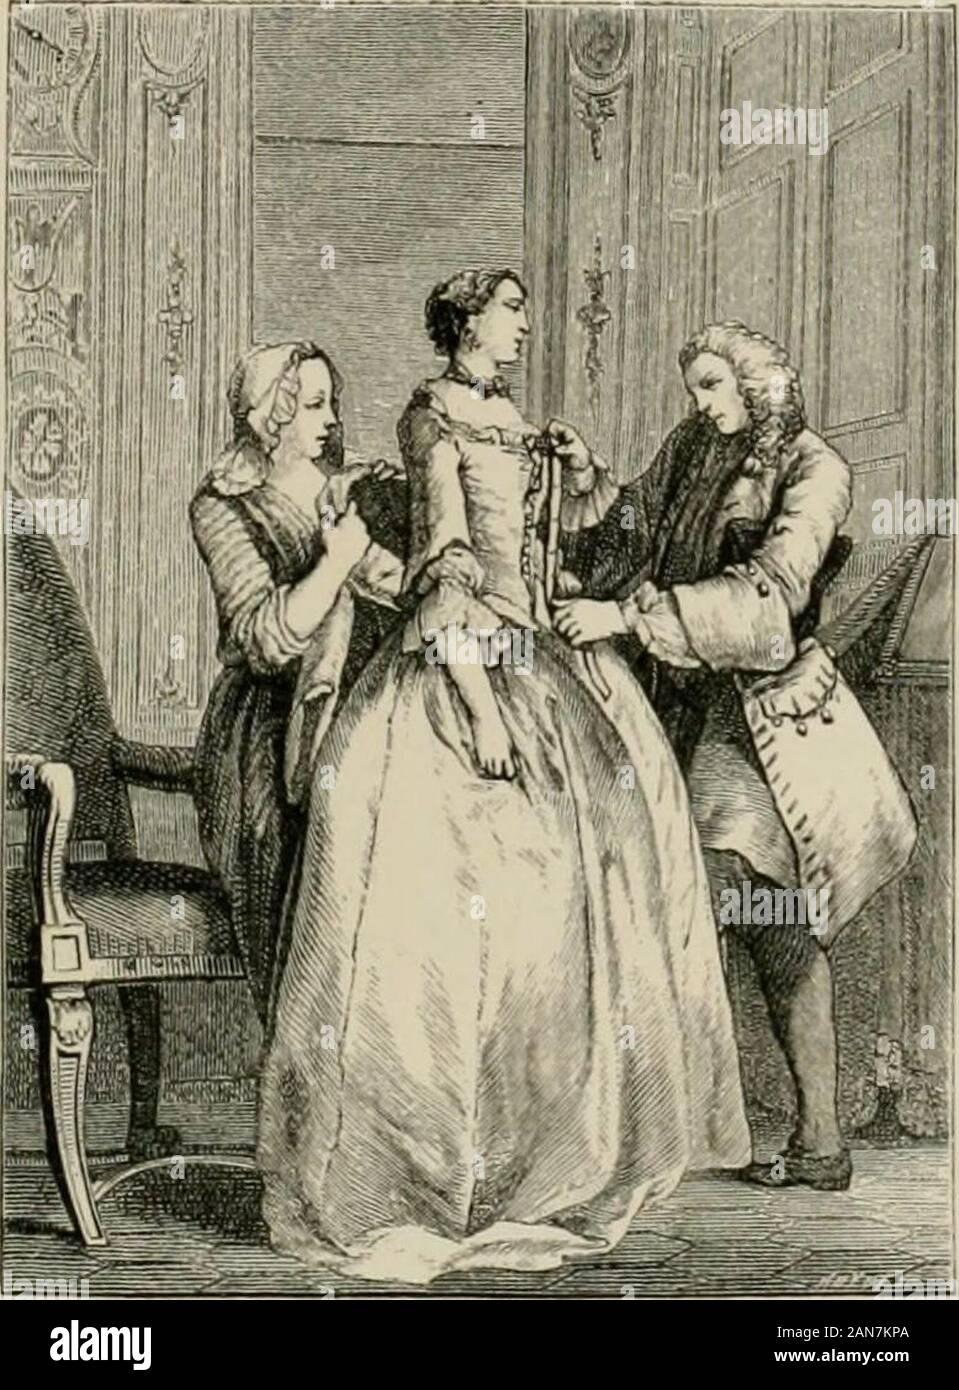 Il XVIII secolo; le sue istituzioni, le usanze e i costumi della Francia, 1700-1789 . a la Henri IV. per gli uomini non anybetter tariffa, anche se i leader della moda, a richiesta dell'ComtedArtois e Maria Antonietta, ha cercato di introdurre, come aCourt-abito, a spettacoli privati dato dai principi ofblood. Le Comte de segur, che ha preso parte alla loro, dice : Thiscostume era abbastanza bene per i giovani uomini, ma non a tutti i suitmiddle-di età compresa tra gli uomini, soprattutto se essi sono stati brevi e inclinata di corpu-lence. I mantelli di seta, le piume, nastri, e brillanti colori,li ha spinti a cercare ridic Foto Stock